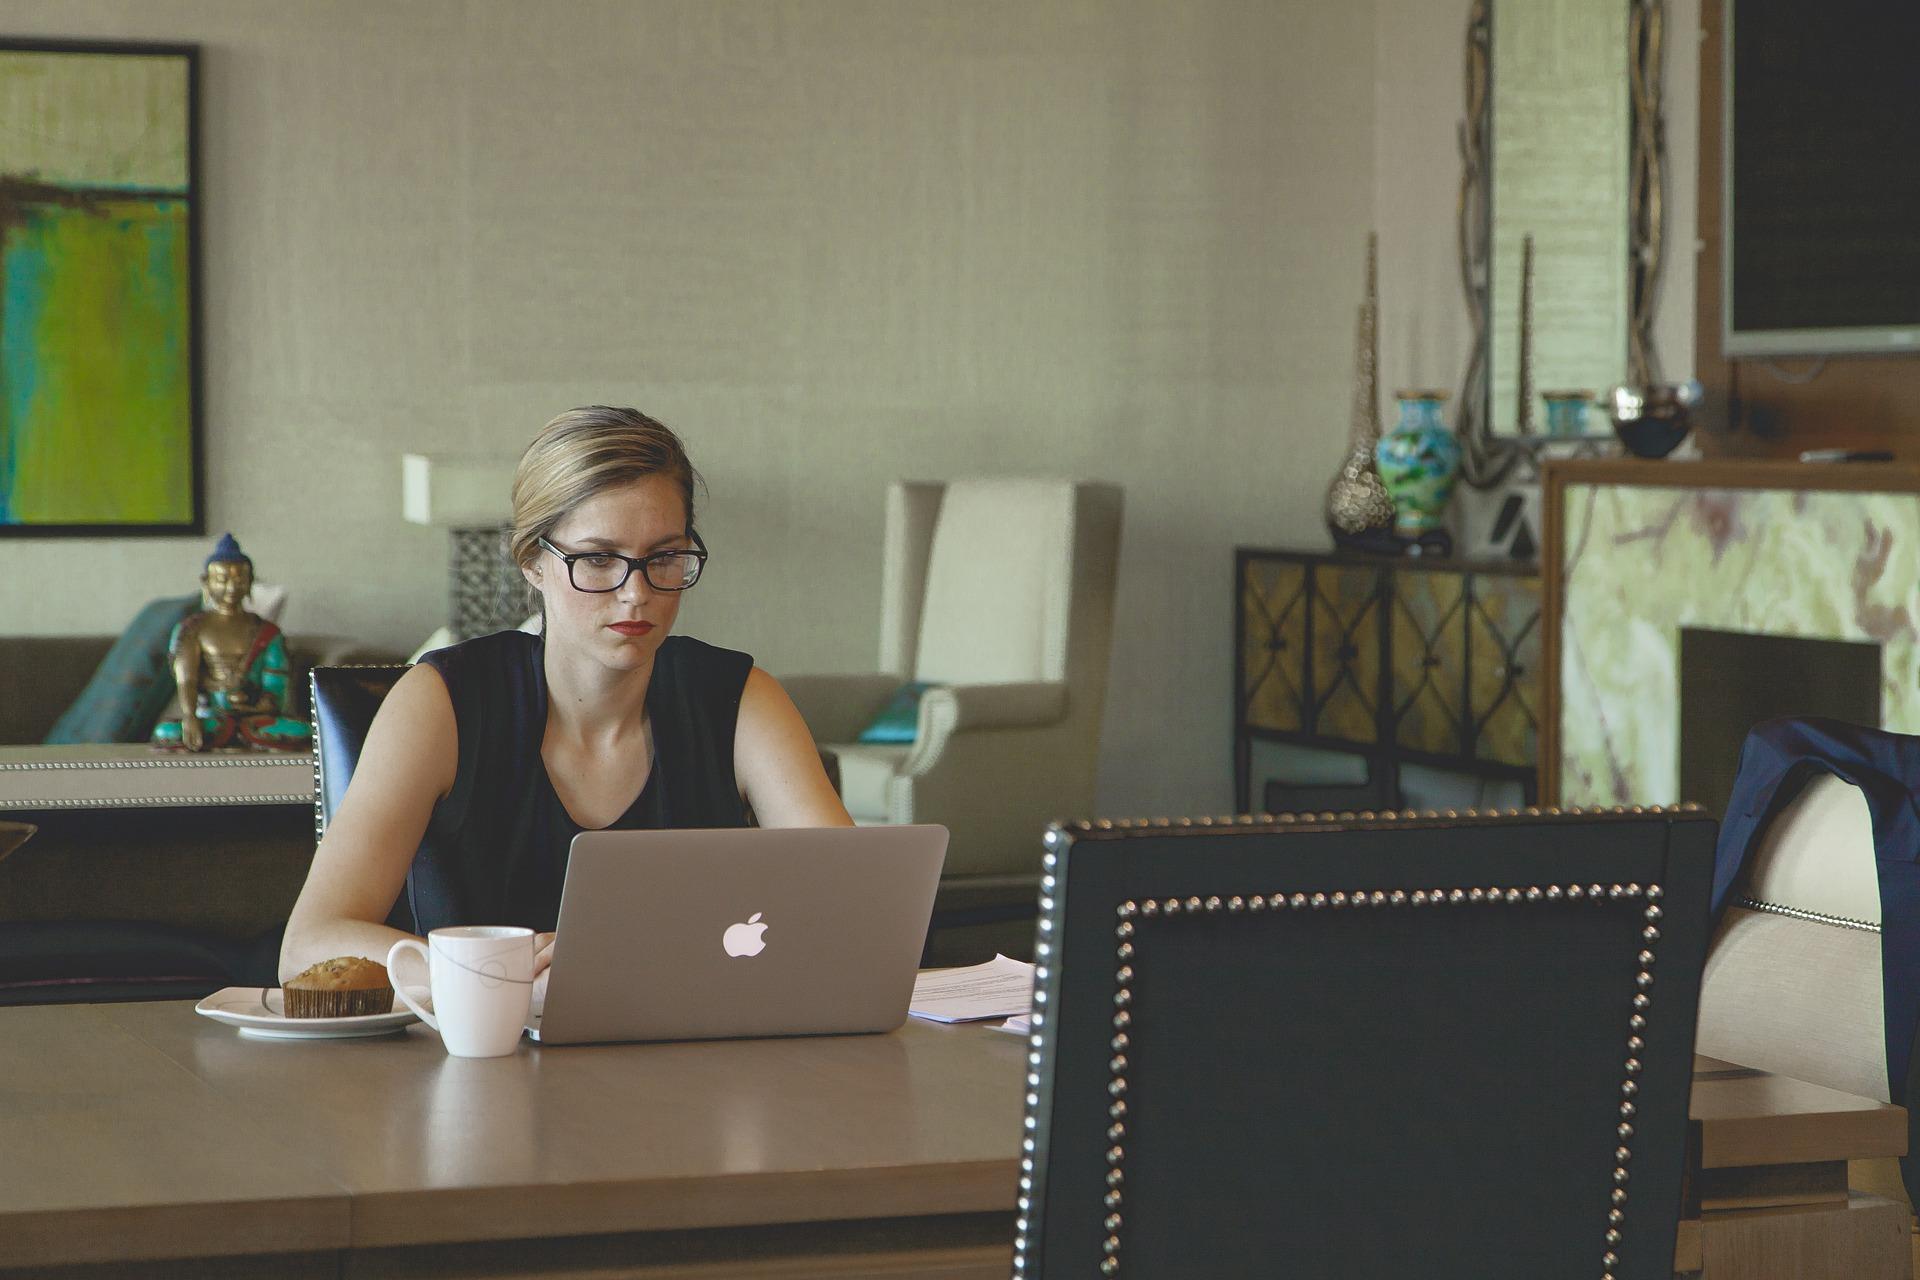 1 salarié sur 3 craint de perdre son emploi